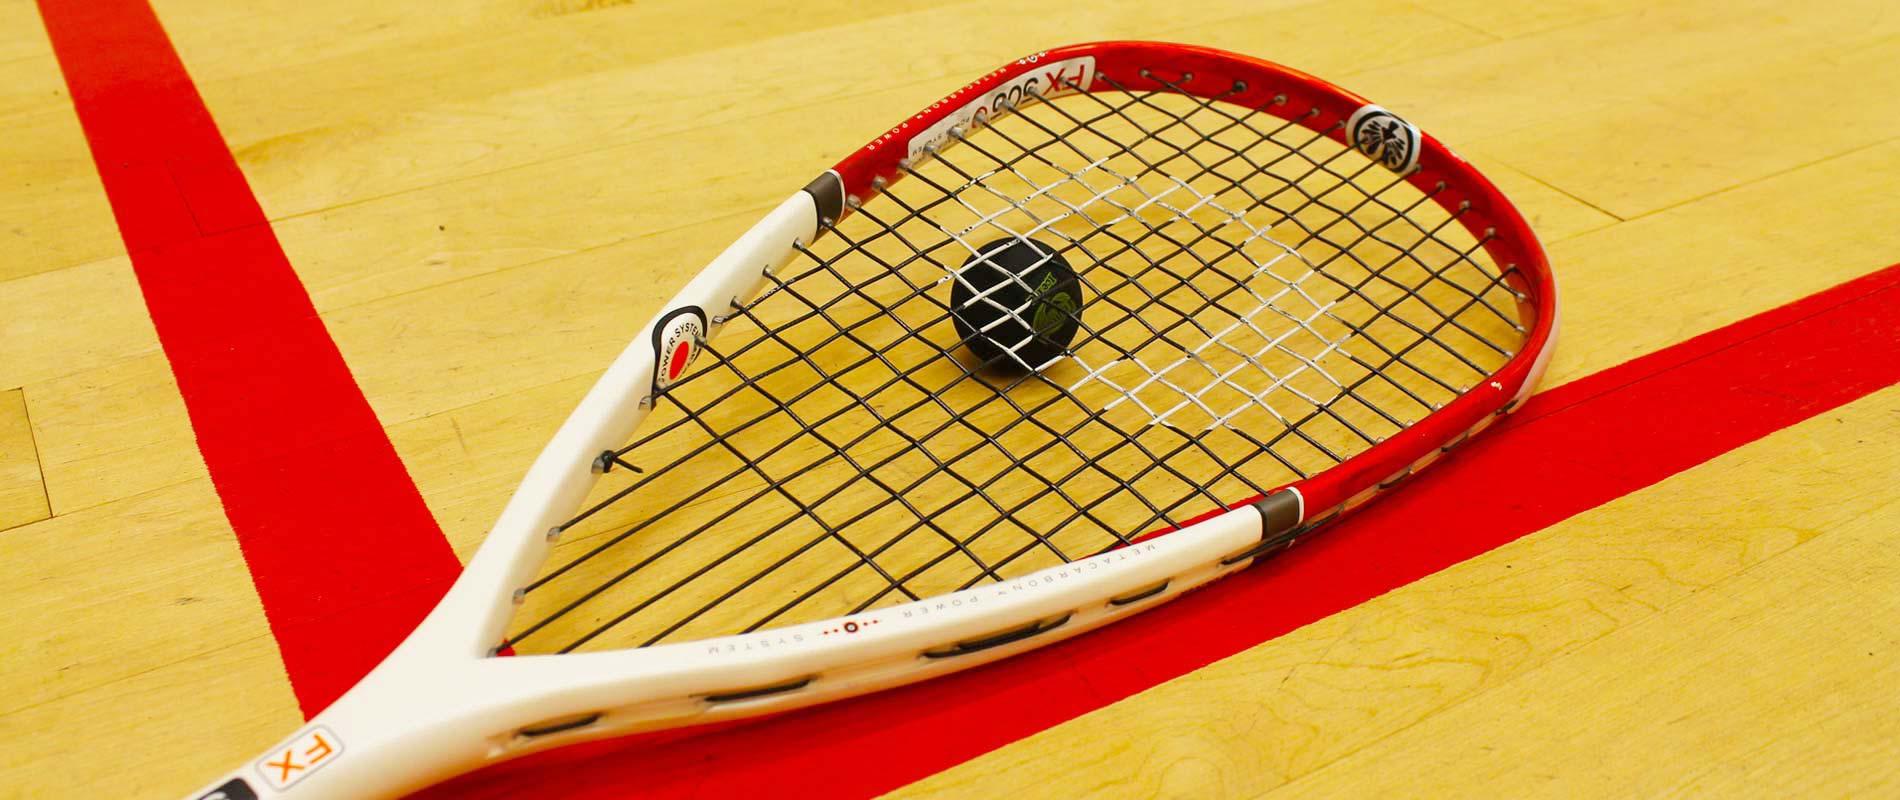 squash-3